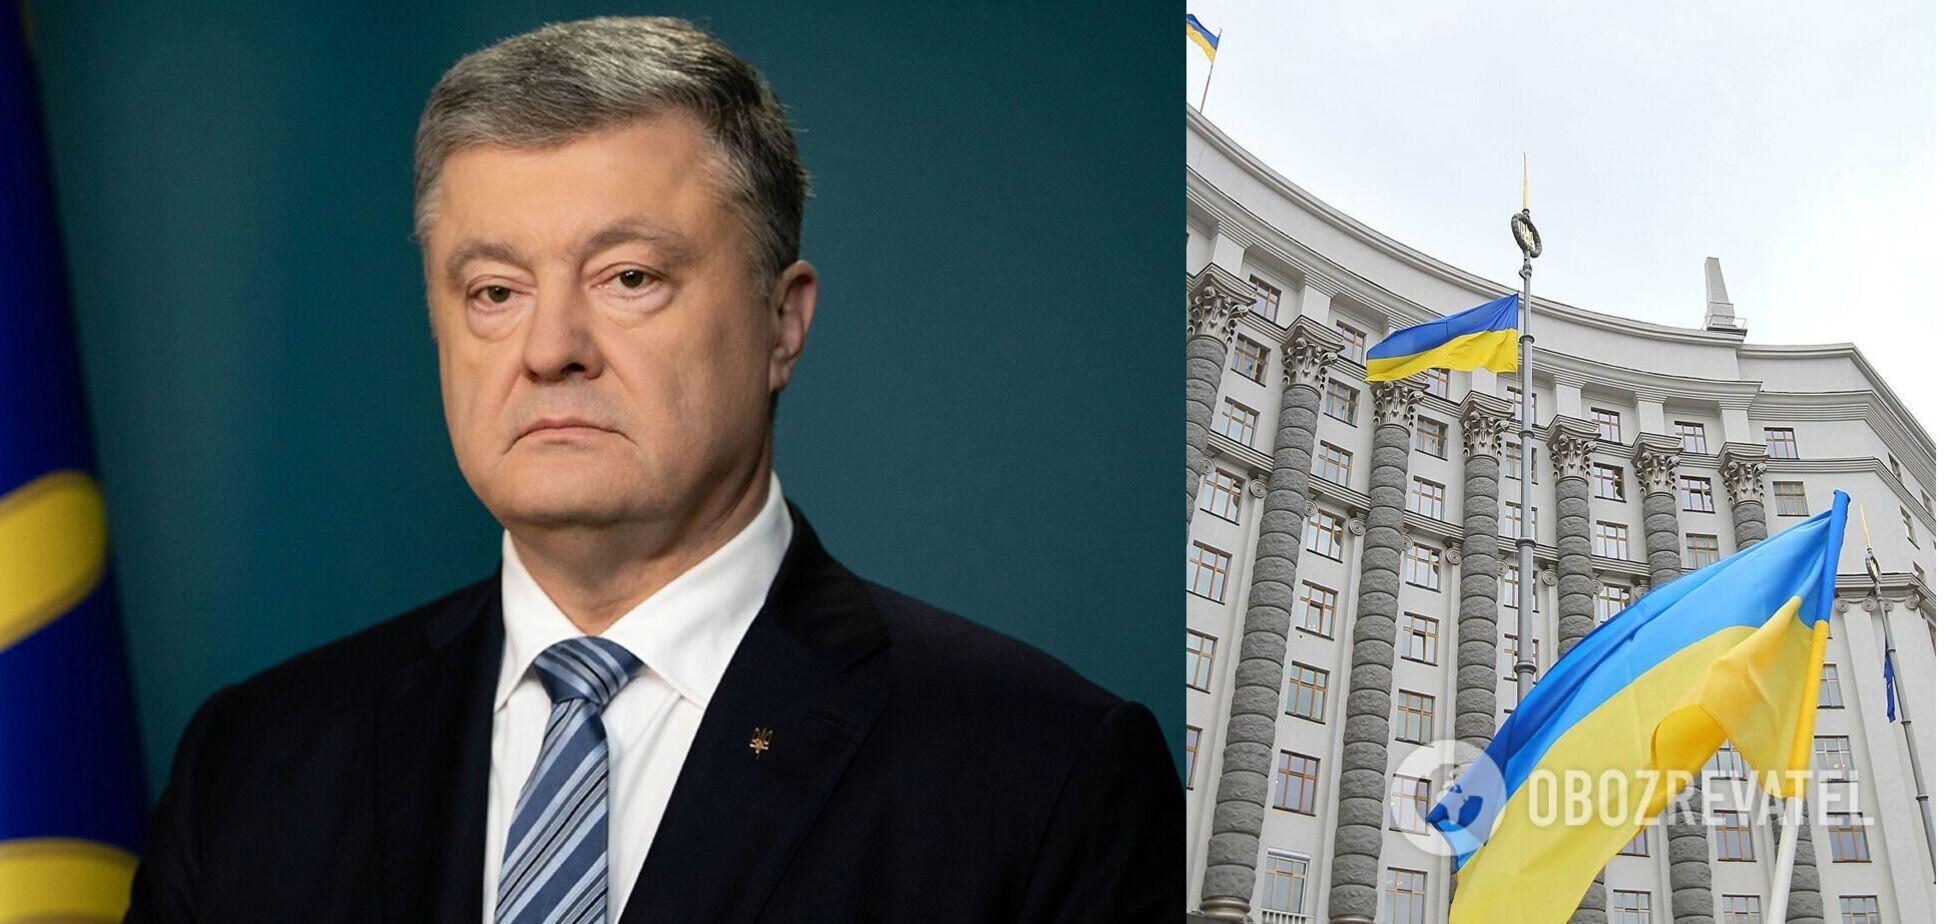 Порошенко зробив найбільший вклад у розвиток України